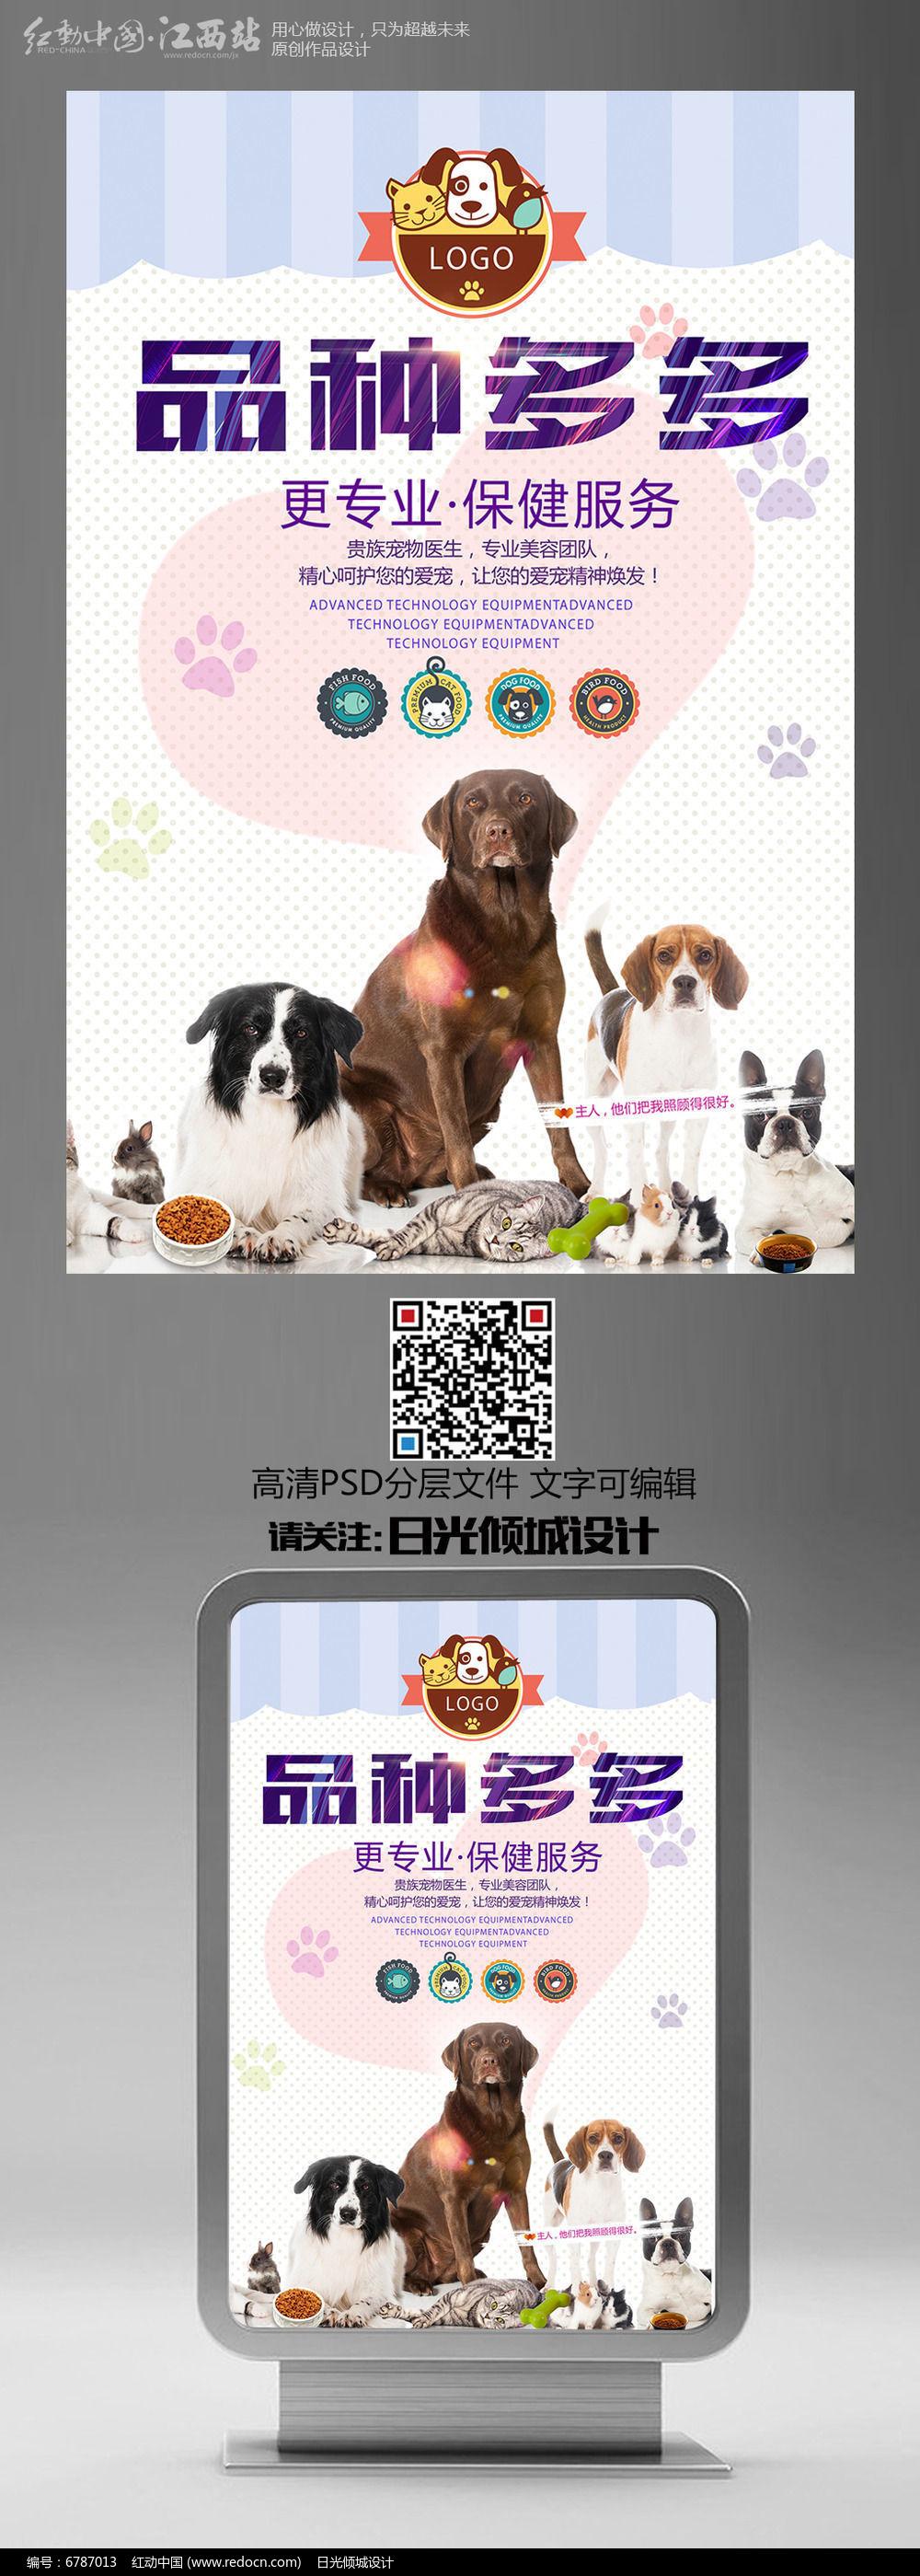 宠物店宣传海报图片